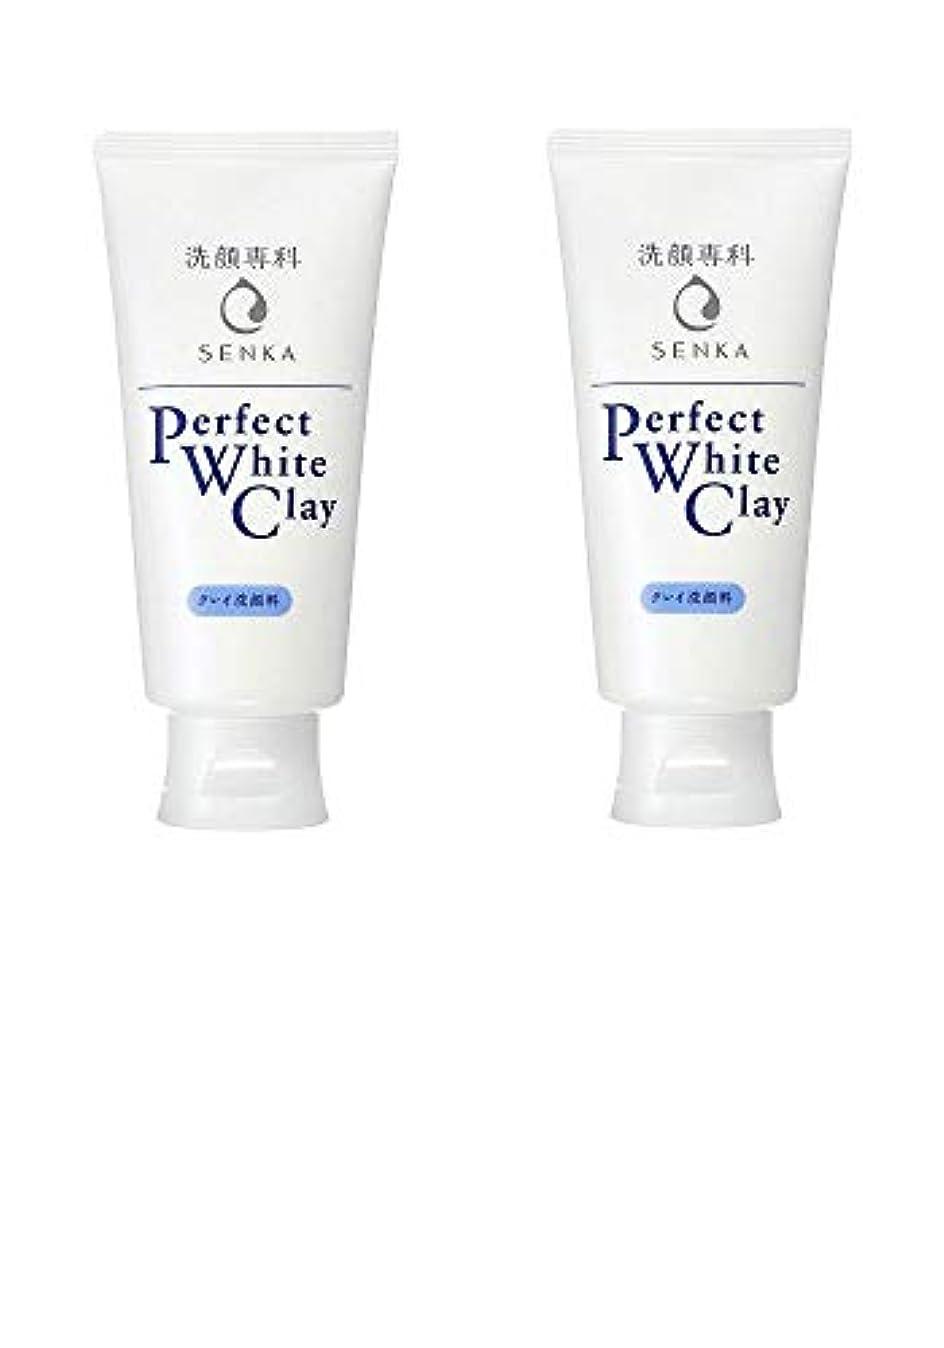 歯火山接地【2個まとめ買い】専科 パーフェクトホワイトクレイ 洗顔料 120g